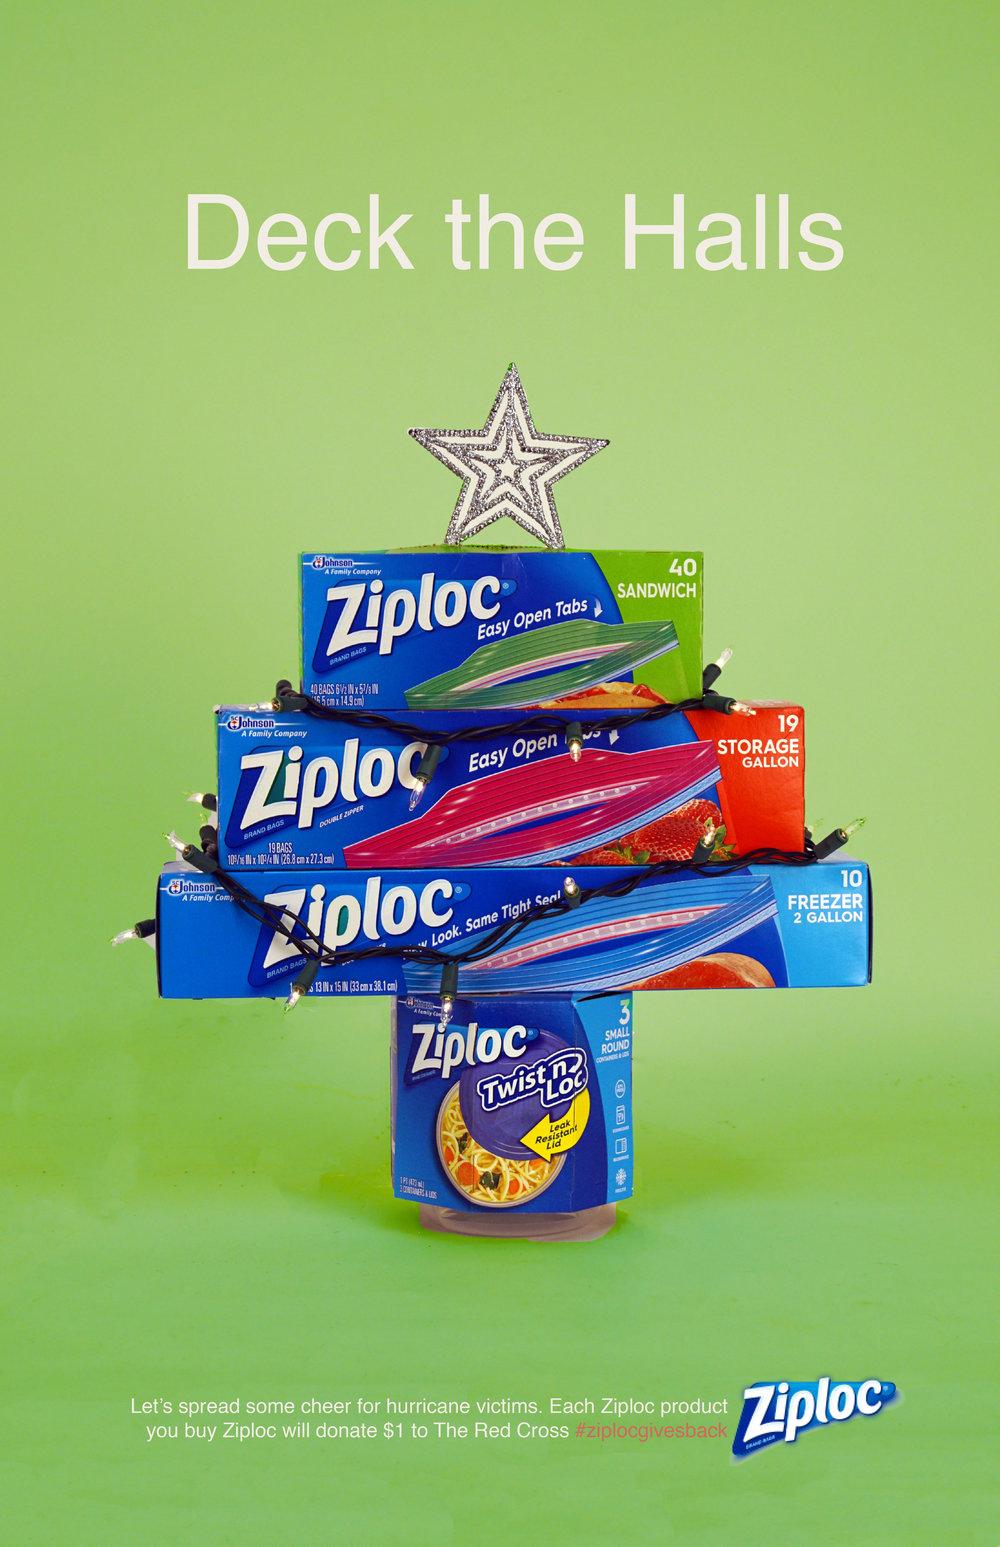 ziploc_ads-1.jpg